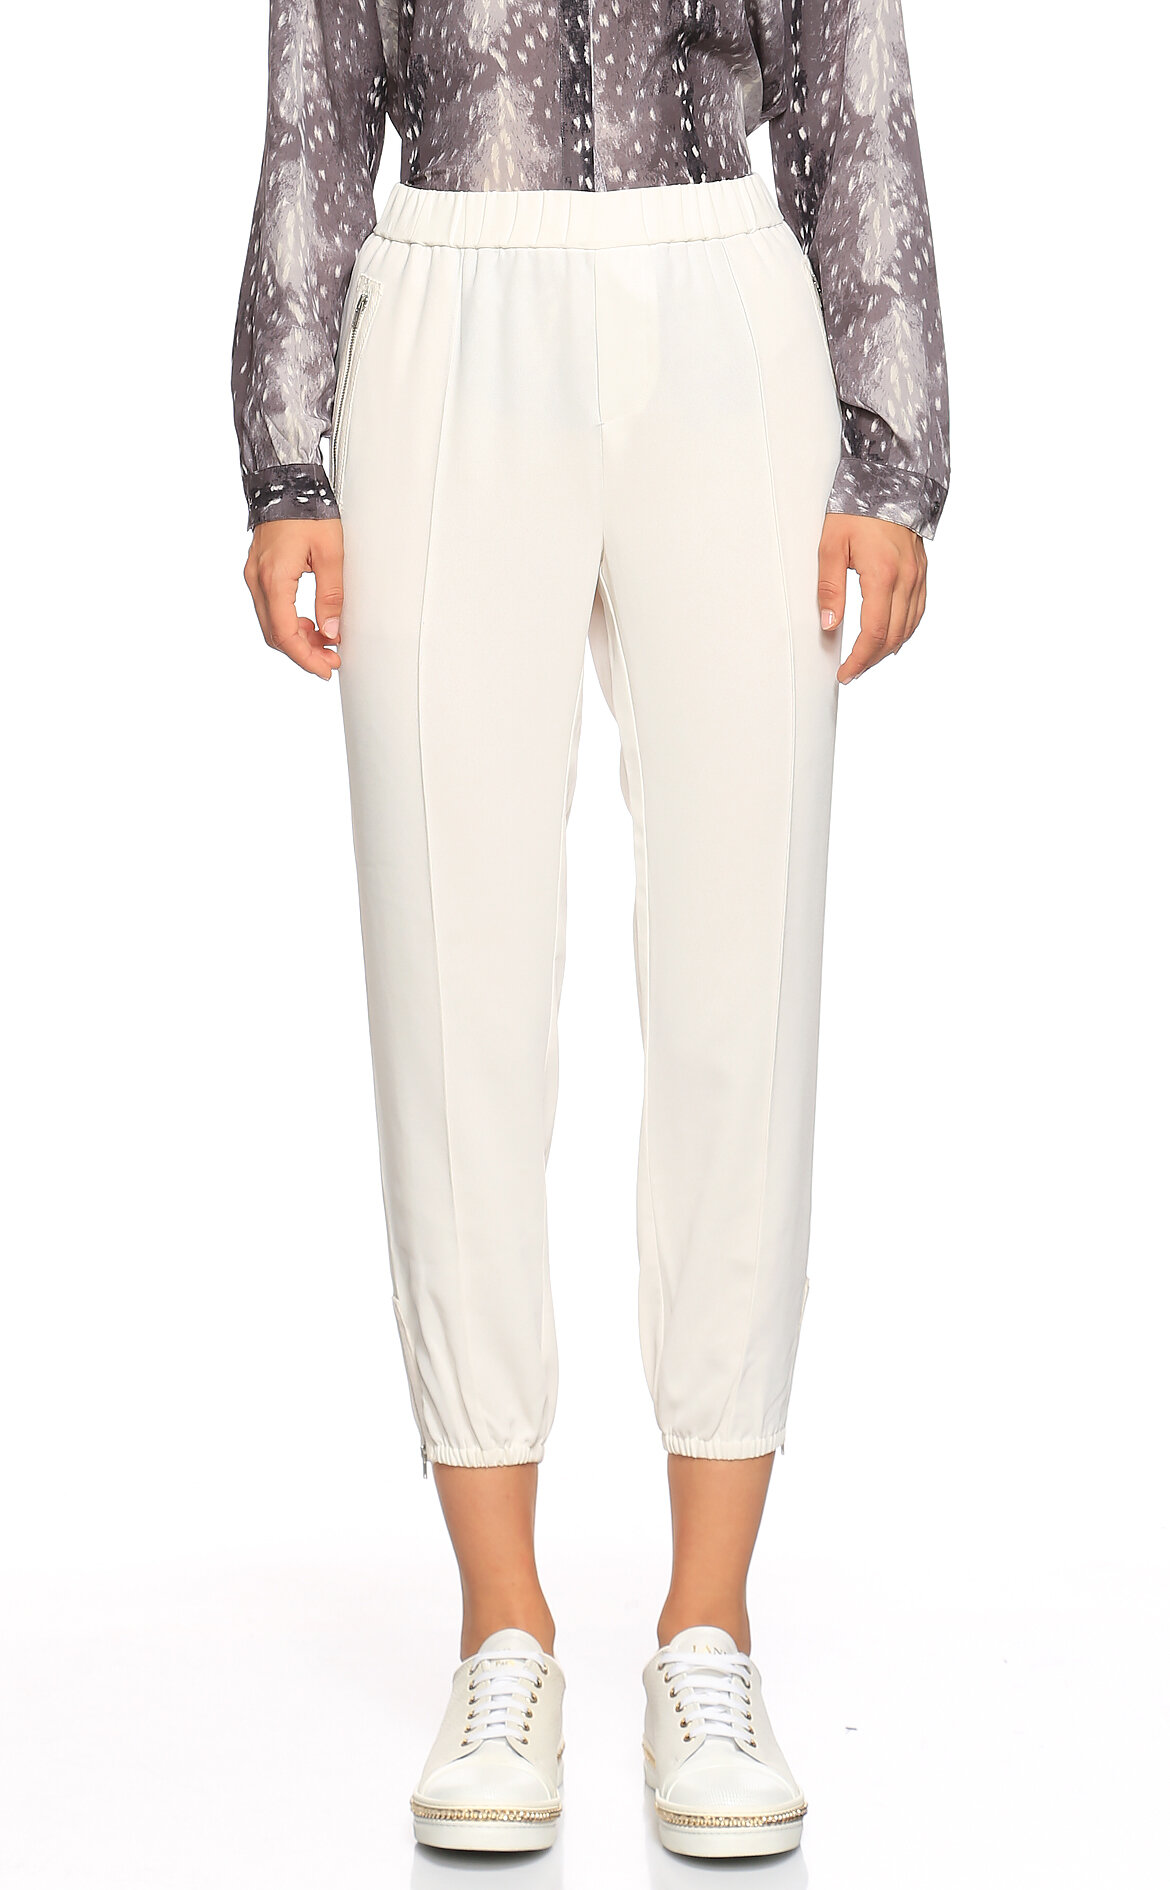 Joie-Joie Paçası Lastikli Beyaz Pantolon